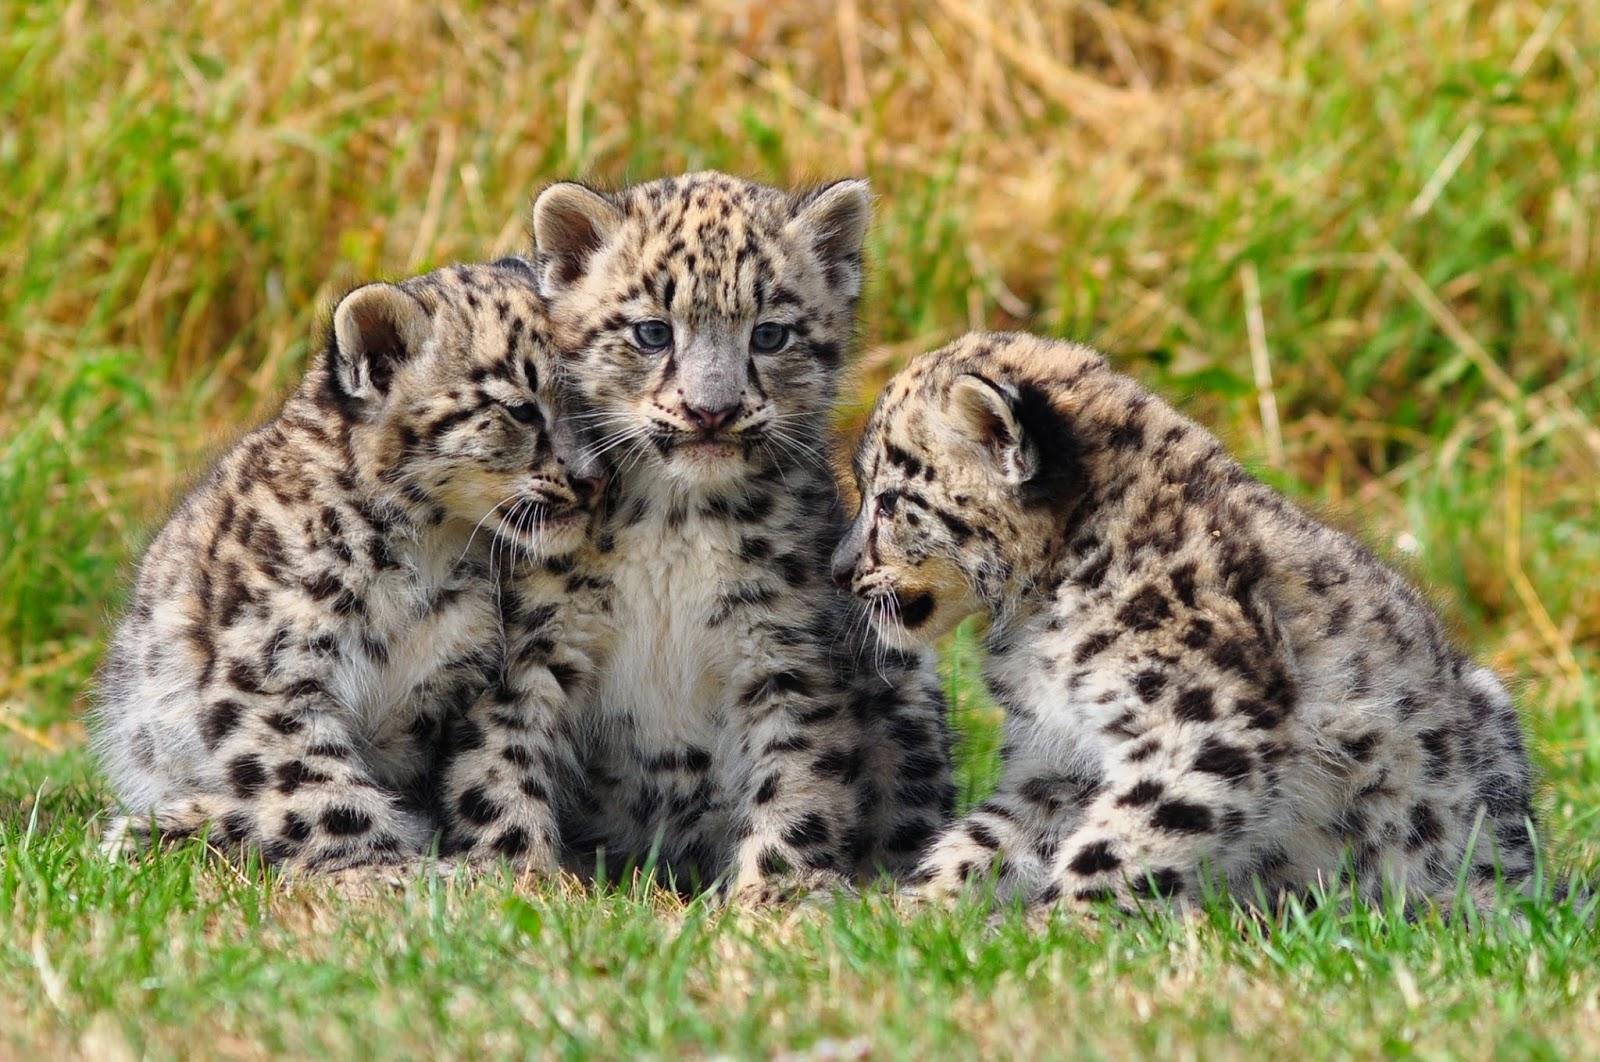 La femmina di leopardo delle navi ha un peso inferiore ai 25 kg